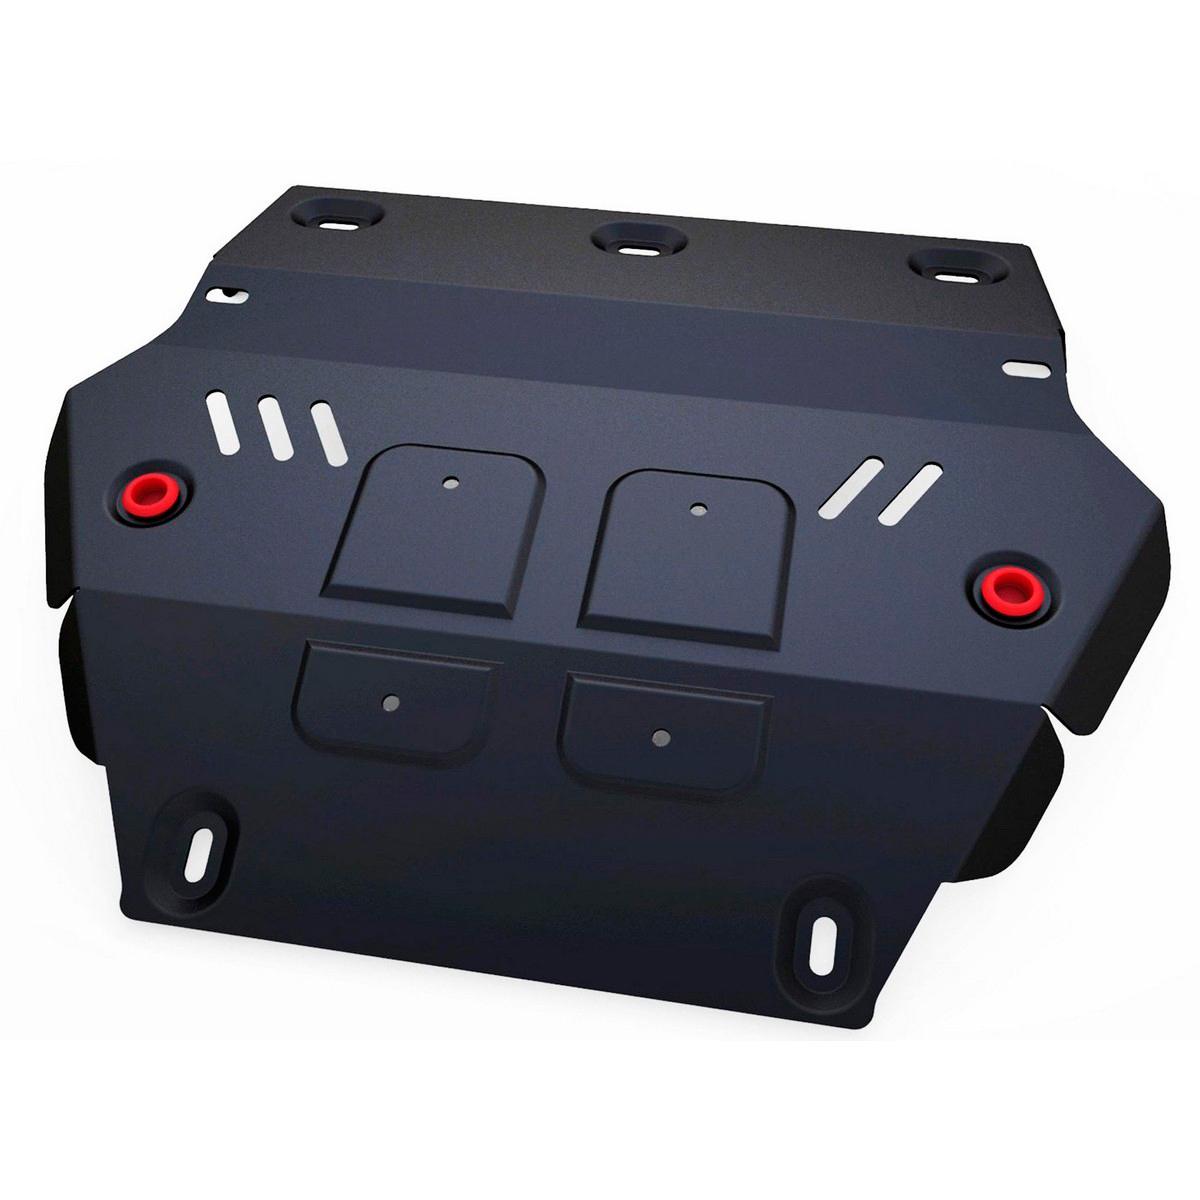 Защита радиатора Автоброня Isuzu D-Max 2012-, сталь 2 мм111.09101.1Защита радиатора Автоброня Isuzu D-Max, V-2,5TD 2012-, сталь 2 мм, комплект крепежа, 111.09101.1Стальные защиты Автоброня надежно защищают ваш автомобиль от повреждений при наезде на бордюры, выступающие канализационные люки, кромки поврежденного асфальта или при ремонте дорог, не говоря уже о загородных дорогах. - Имеют оптимальное соотношение цена-качество. - Спроектированы с учетом особенностей автомобиля, что делает установку удобной. - Защита устанавливается в штатные места кузова автомобиля. - Является надежной защитой для важных элементов на протяжении долгих лет. - Глубокий штамп дополнительно усиливает конструкцию защиты. - Подштамповка в местах крепления защищает крепеж от срезания. - Технологические отверстия там, где они необходимы для смены масла и слива воды, оборудованные заглушками, закрепленными на защите. Толщина стали 2 мм. В комплекте крепеж и инструкция по установке.Уважаемые клиенты! Обращаем ваше внимание на тот факт, что защита имеет форму, соответствующую модели данного автомобиля. Наличие глубокого штампа и лючков для смены фильтров/масла предусмотрено не на всех защитах. Фото служит для визуального восприятия товара.